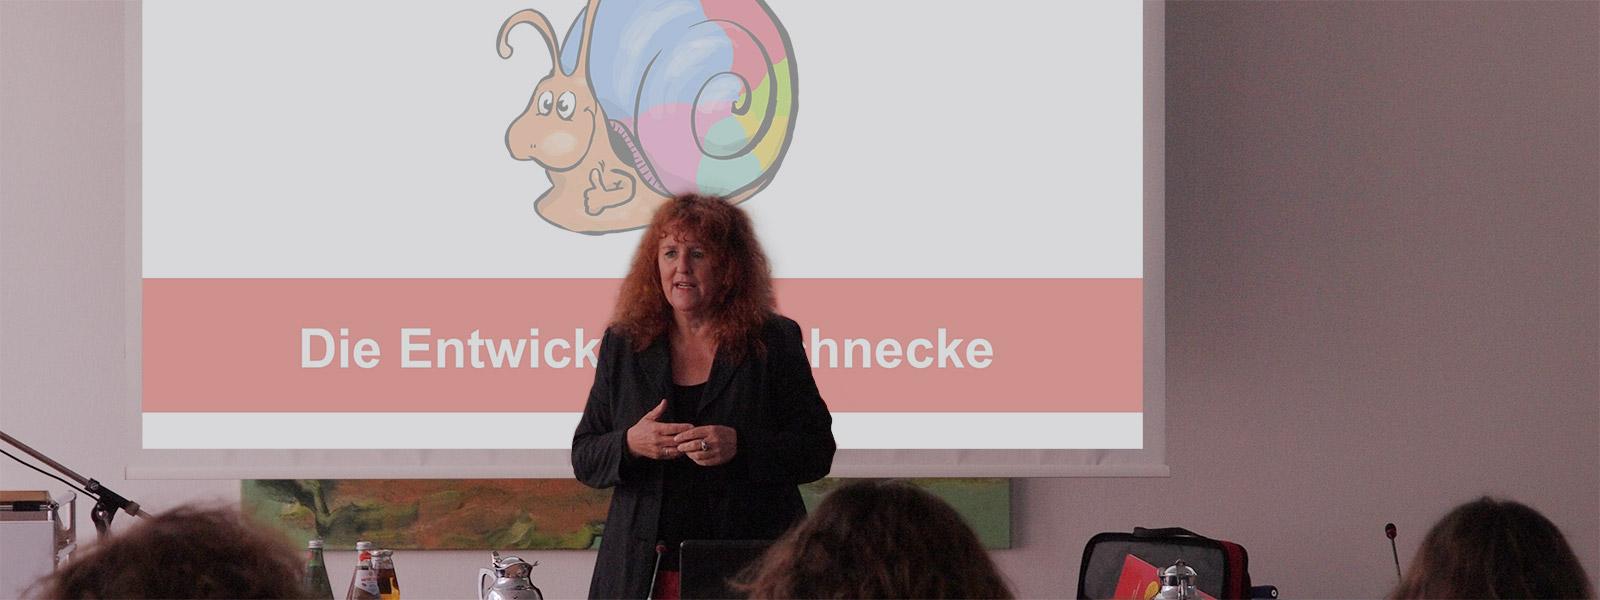 Schlaaf Kirschner Kindertagespflege